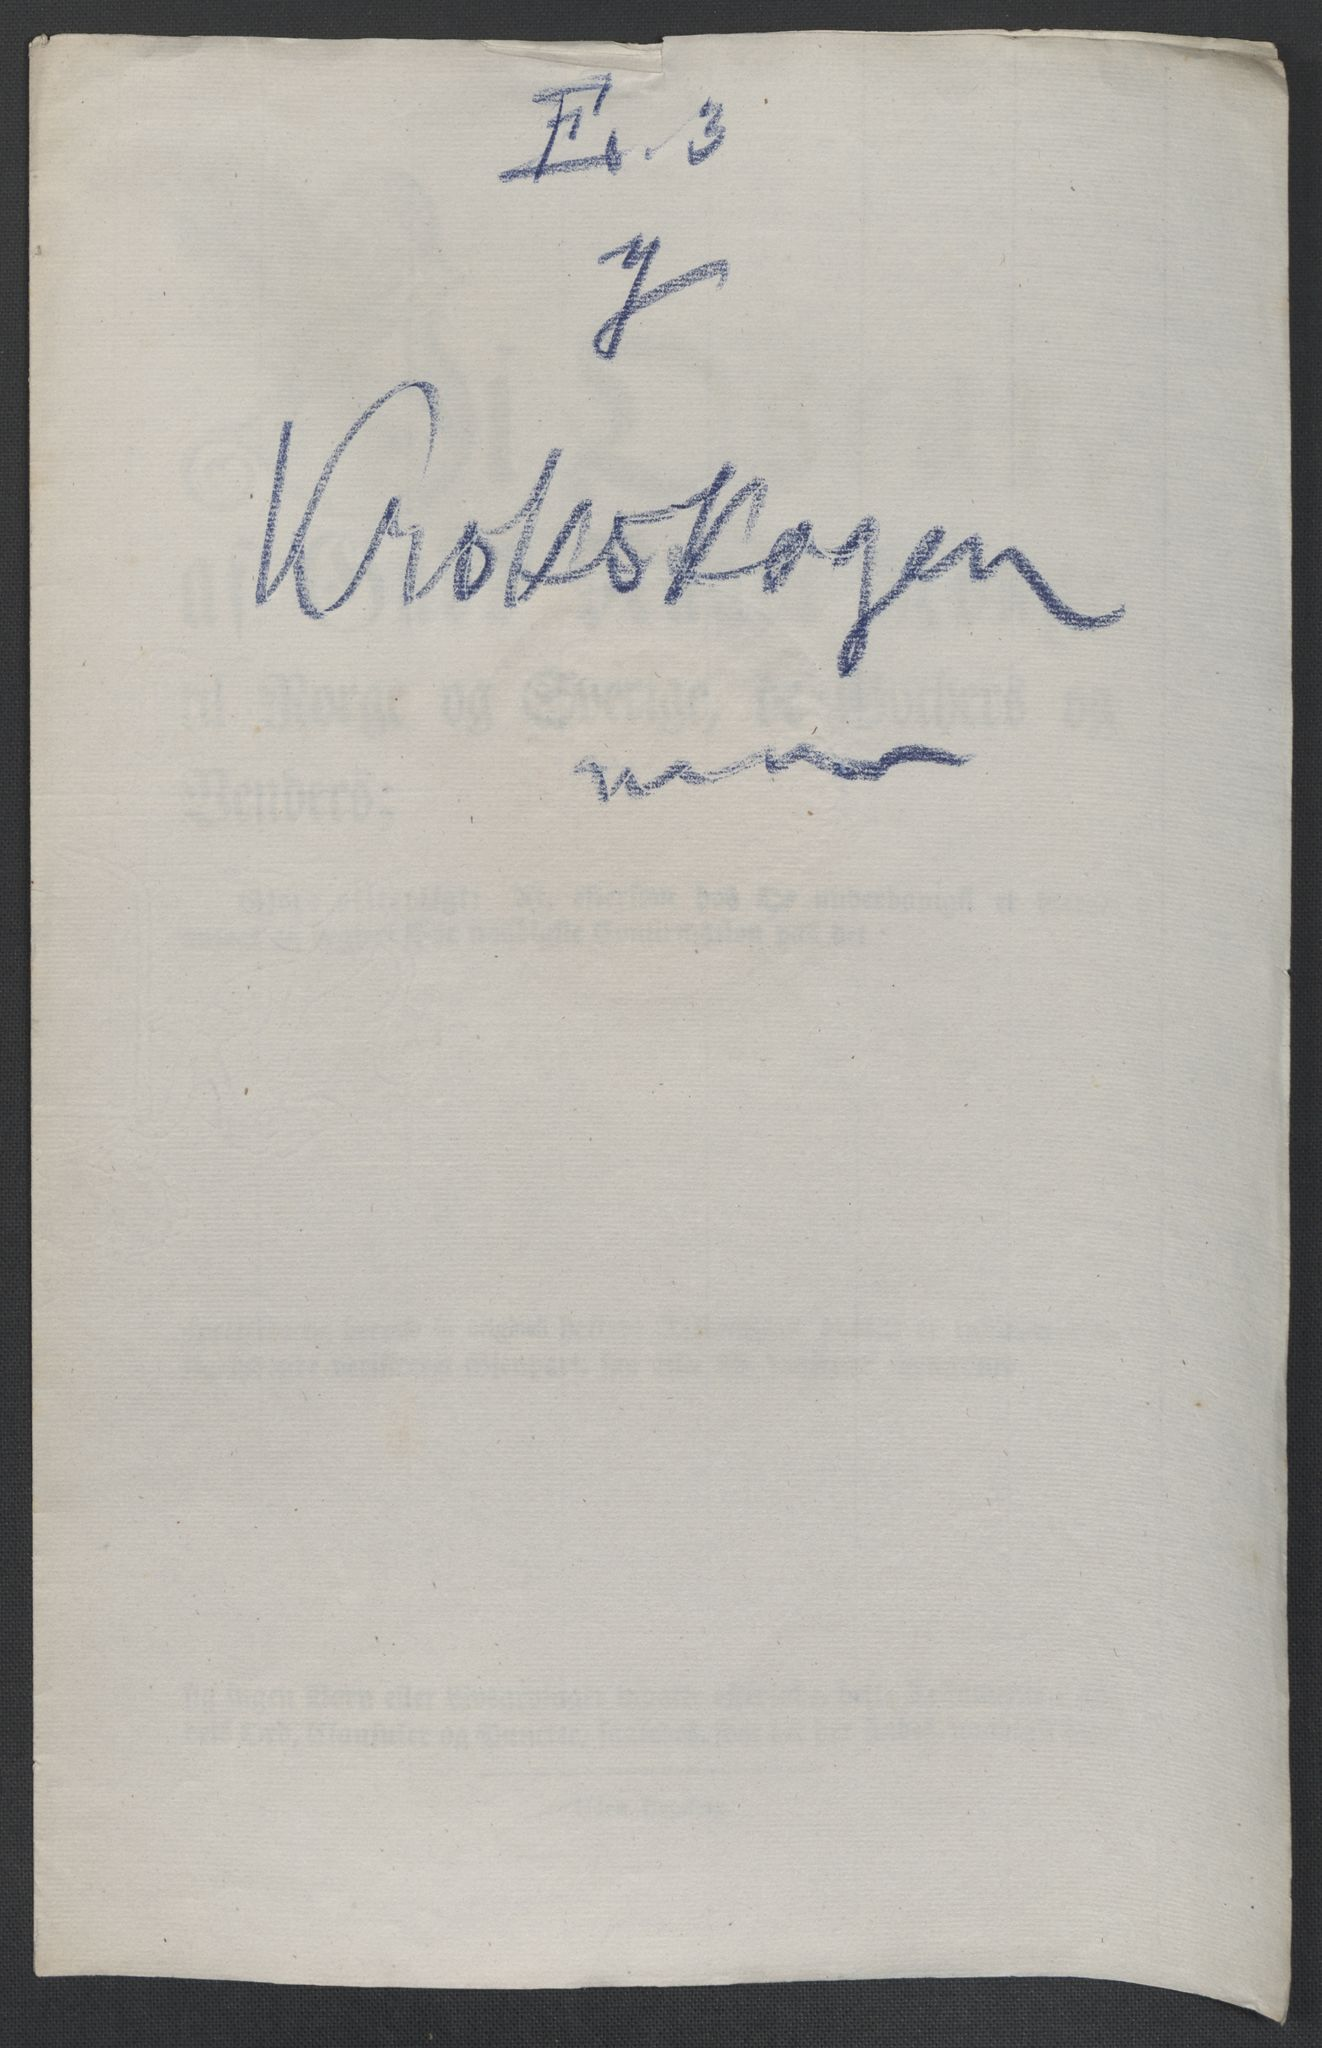 RA, Christie, Wilhelm Frimann Koren, F/L0005, 1815-1816, s. 615